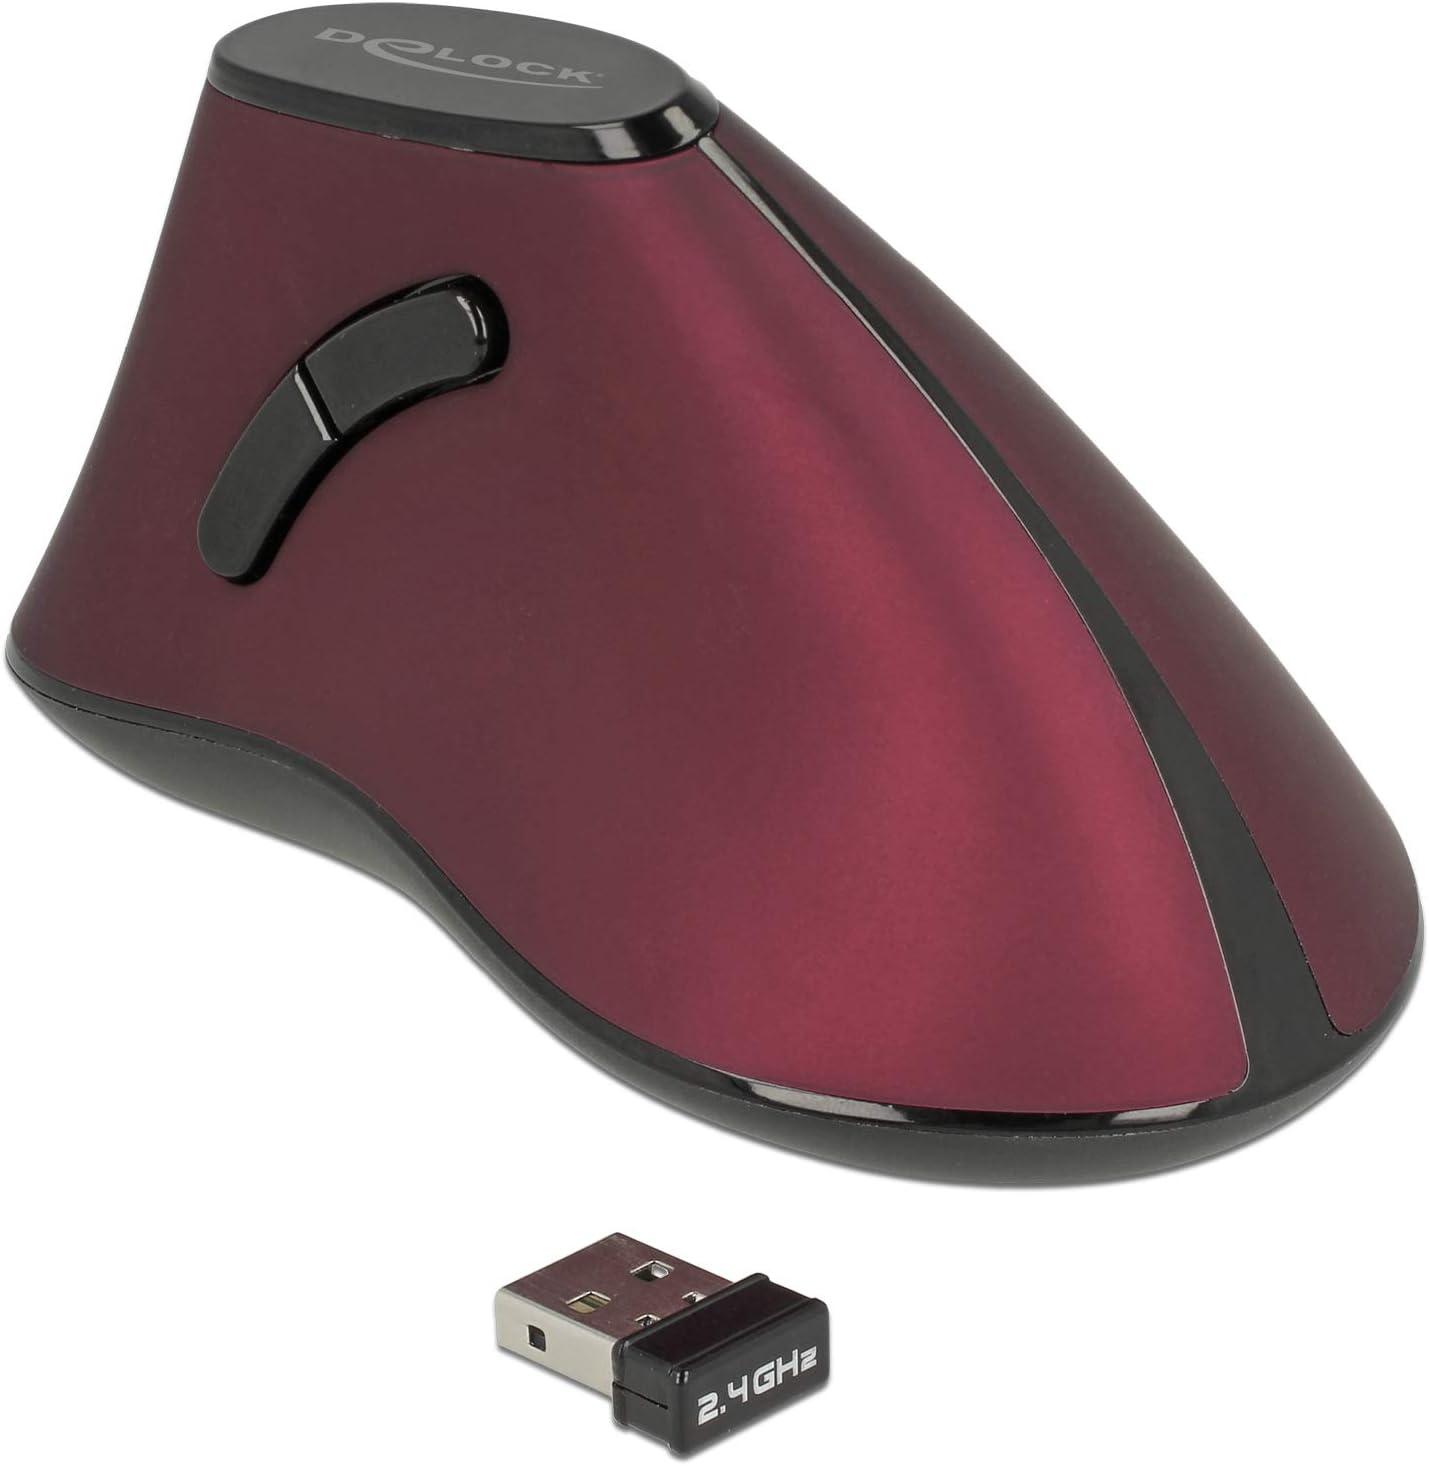 Delock Maus Ergonomisch Vertikal Optisch 5 Tasten 2 4 Computer Zubehör